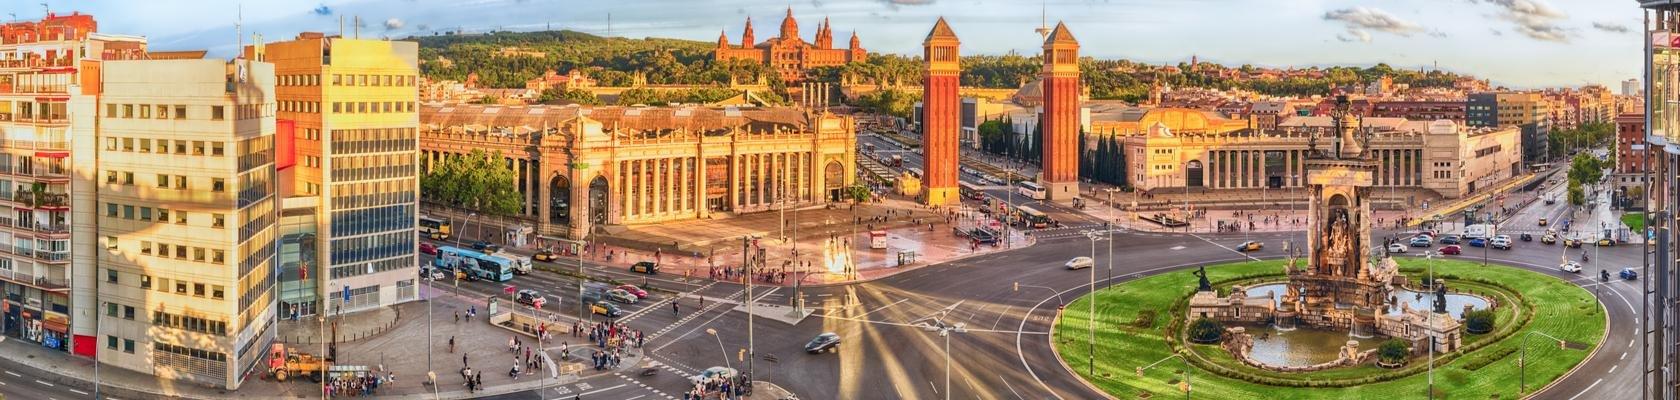 Plaza de Espana: Barcelona